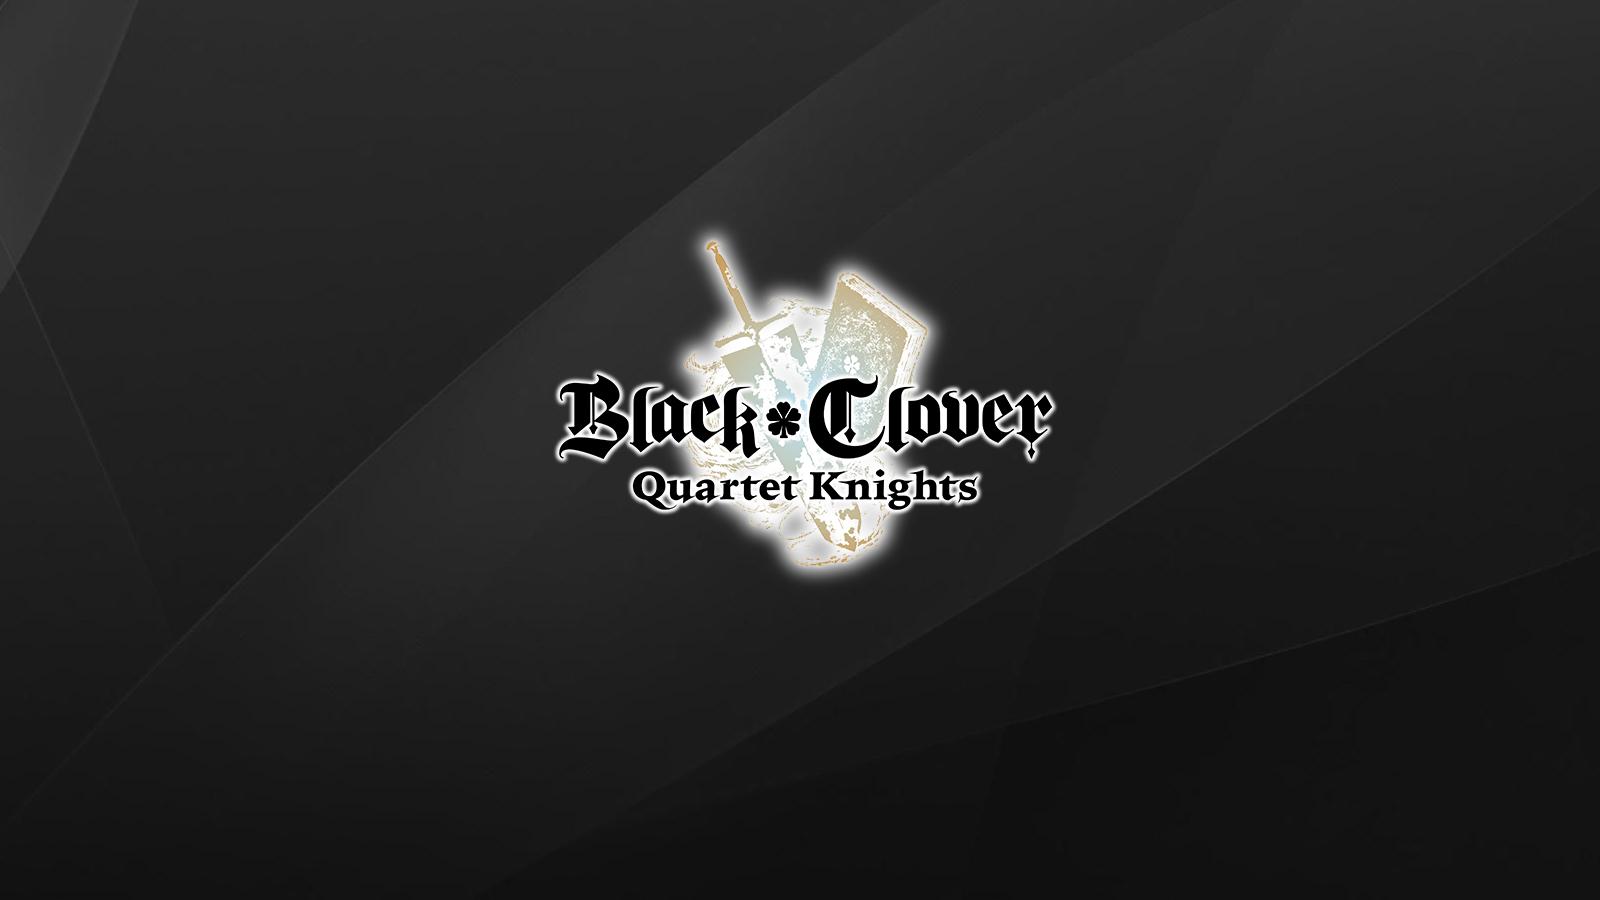 Unduh 7500 Wallpaper Black Clover Android Foto Terbaik